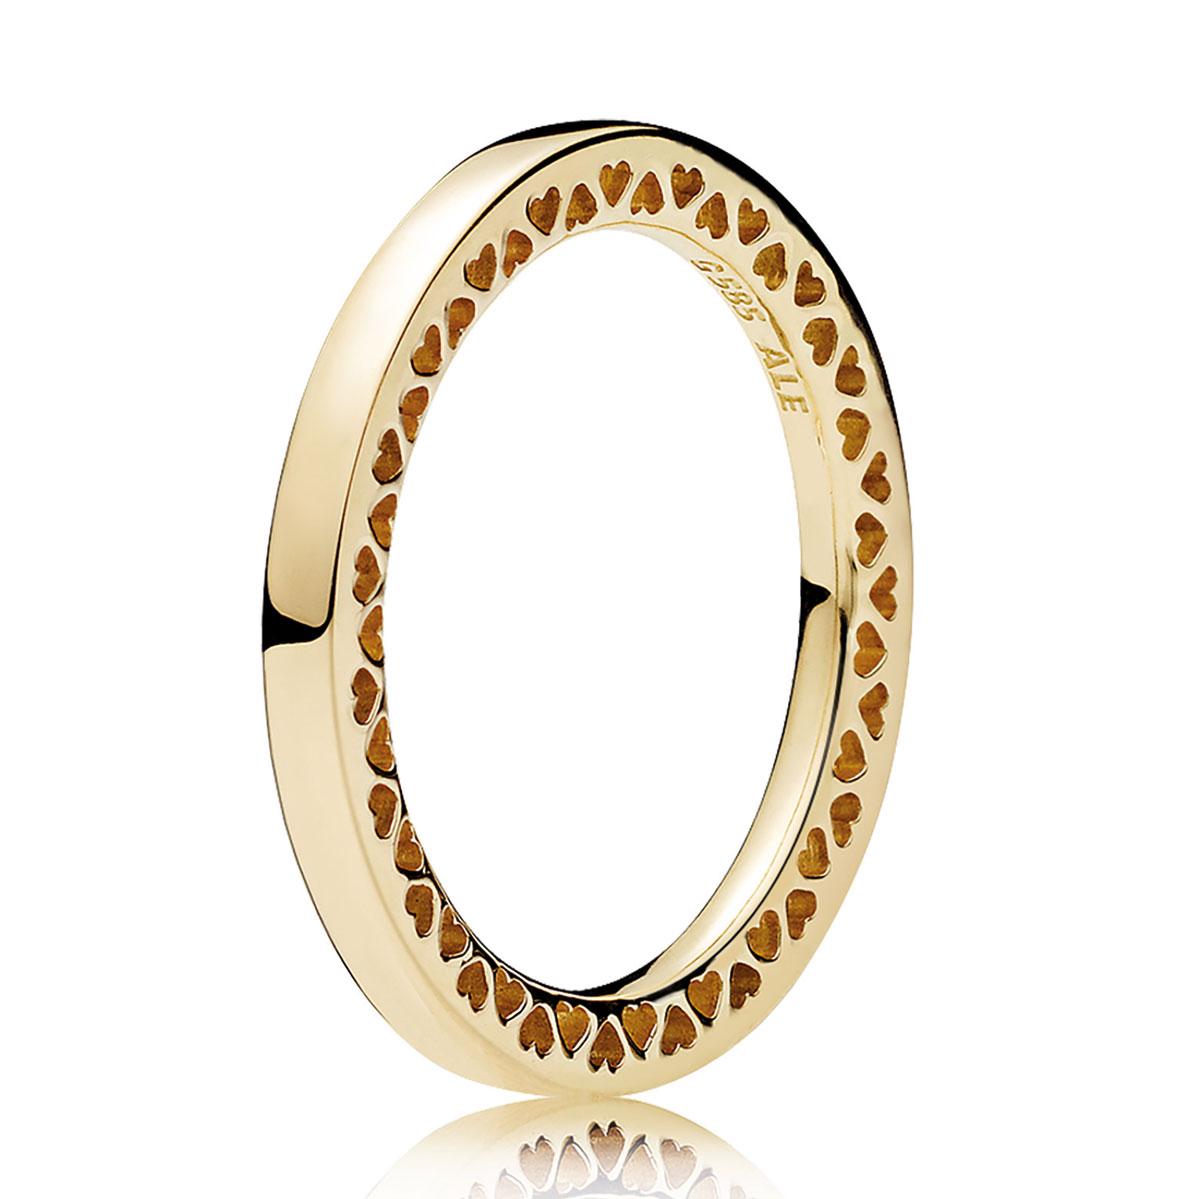 PANDORA 14KT Gold Charms Pancharmbraceletscom